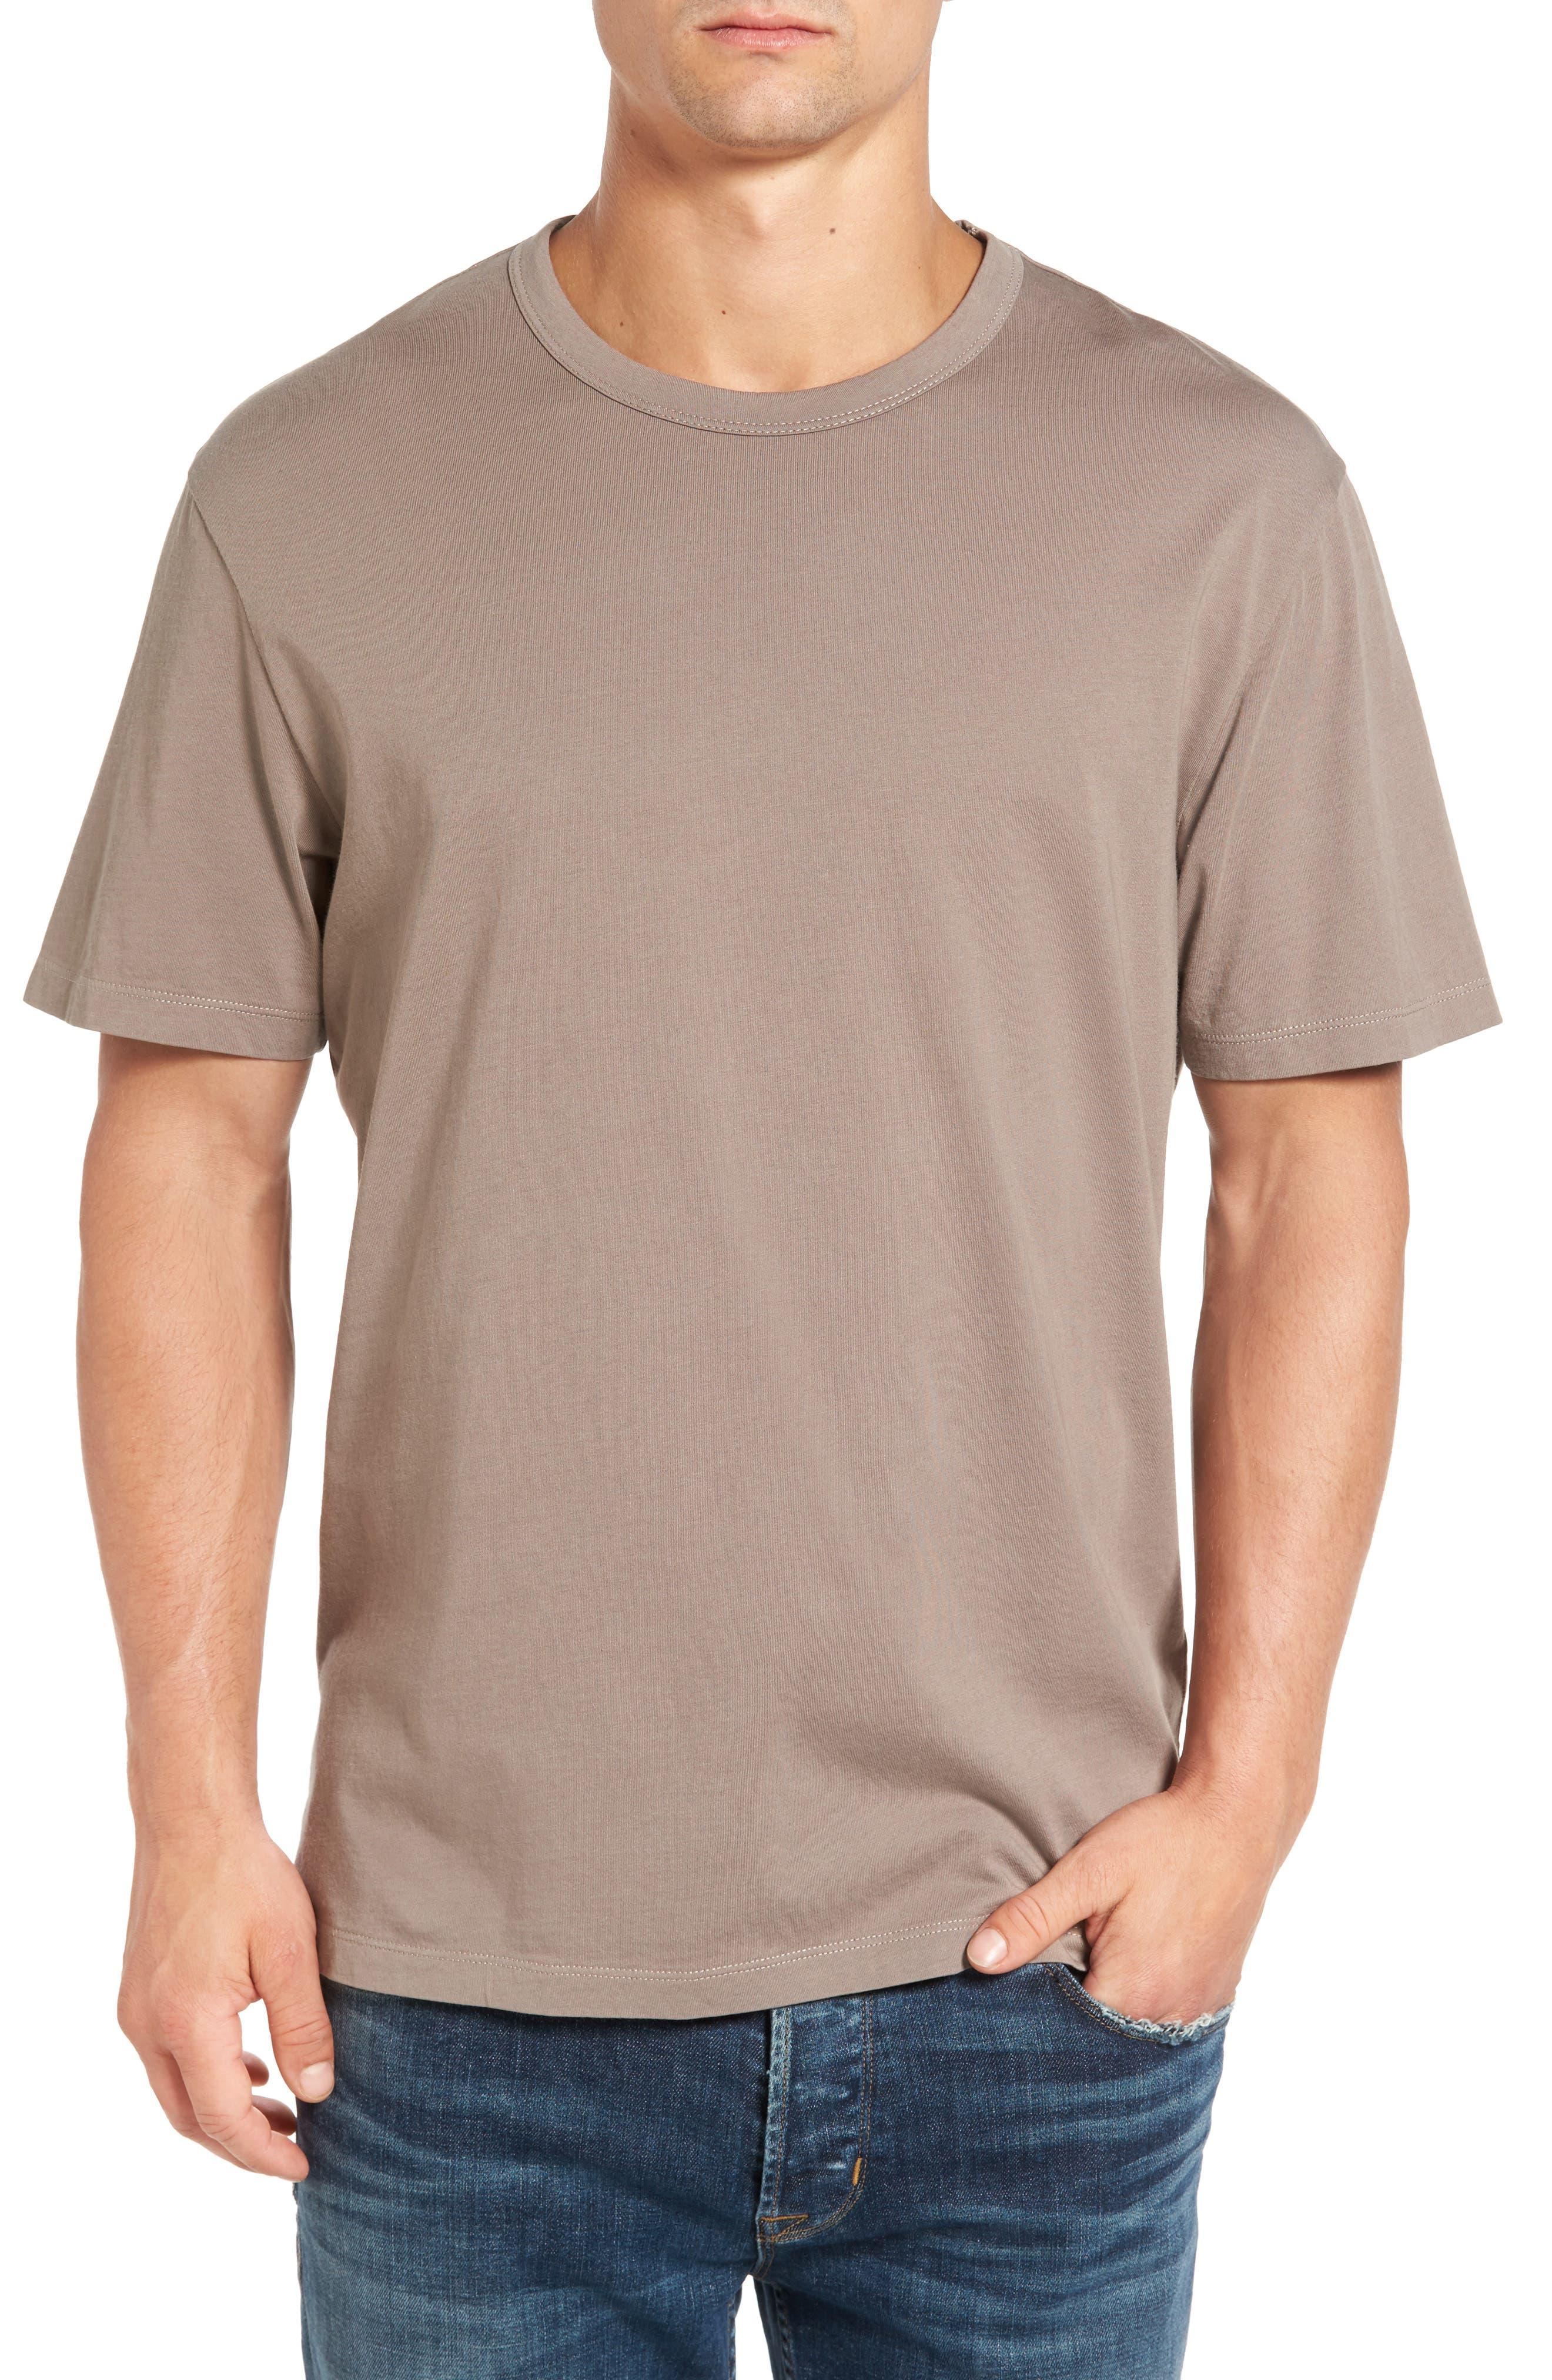 Spinnaker Bay Sports Fit Crewneck T-Shirt,                             Main thumbnail 2, color,